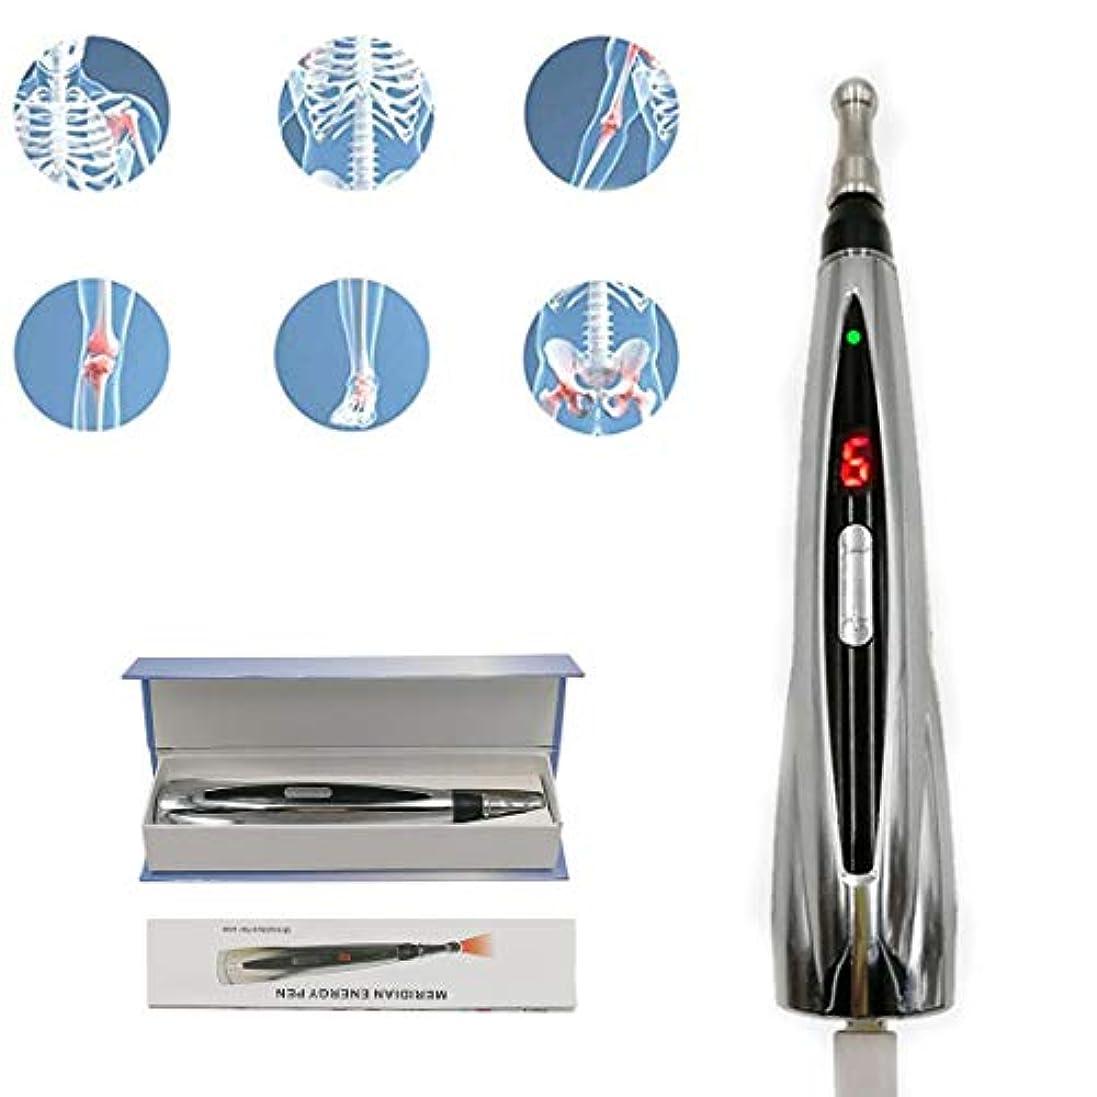 血色の良い鉱夫乳白レーザーメリディアンペン、鍼治療用のUSB充電メリディアンペン痛みのポイント痛みのストレス緩和のために調整可能な9種類の力17.5cm * 3cmシルバー